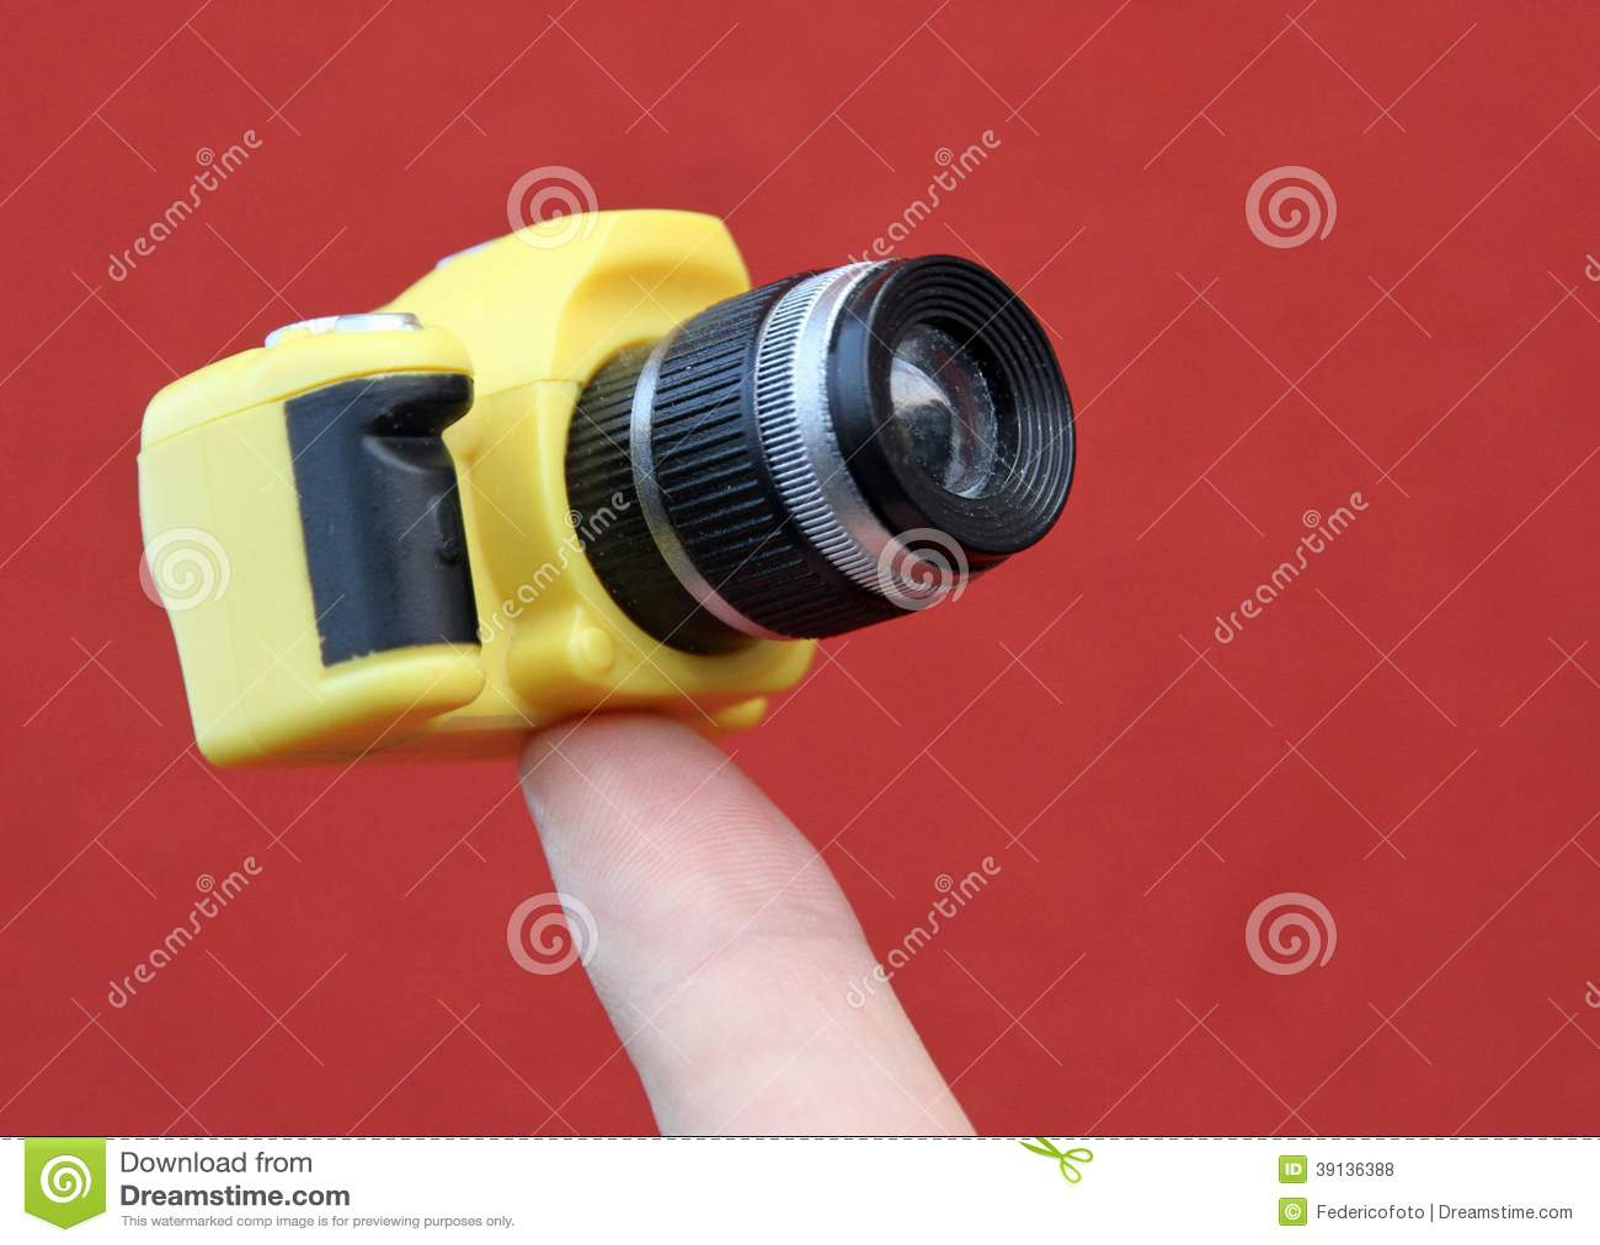 Zeigefinger der eine kleine kamera hält stockfoto bild von bild